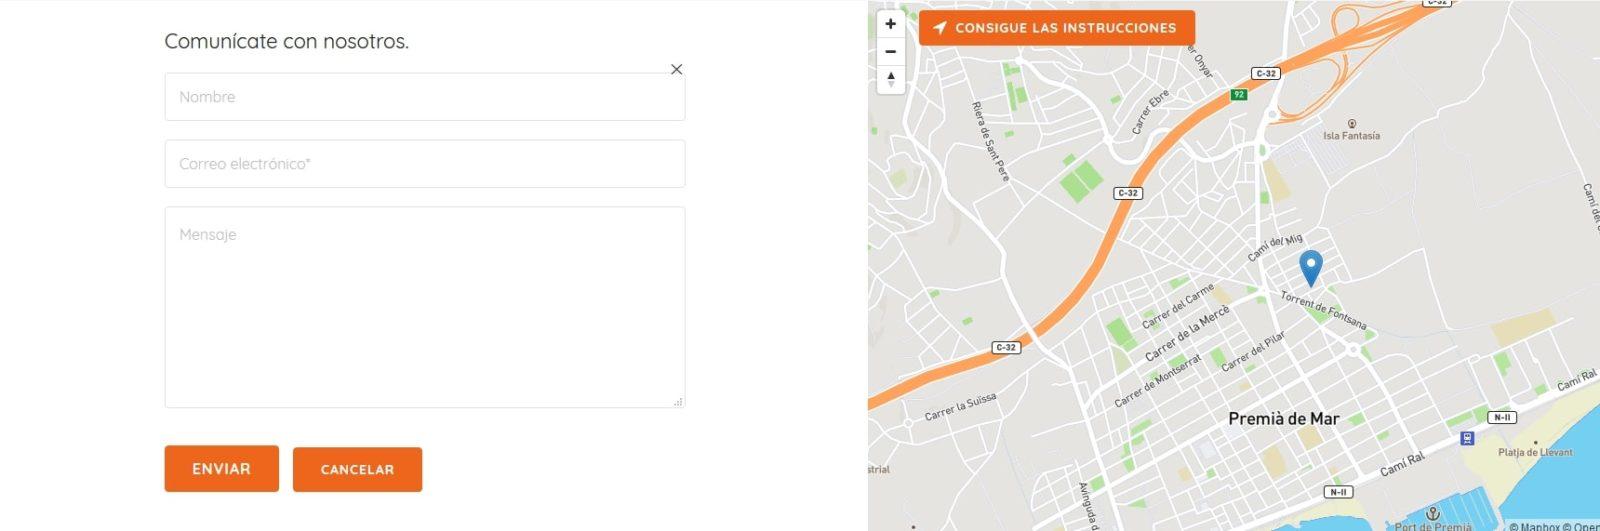 Ejemplo de la sección de contacto de CopiCotet